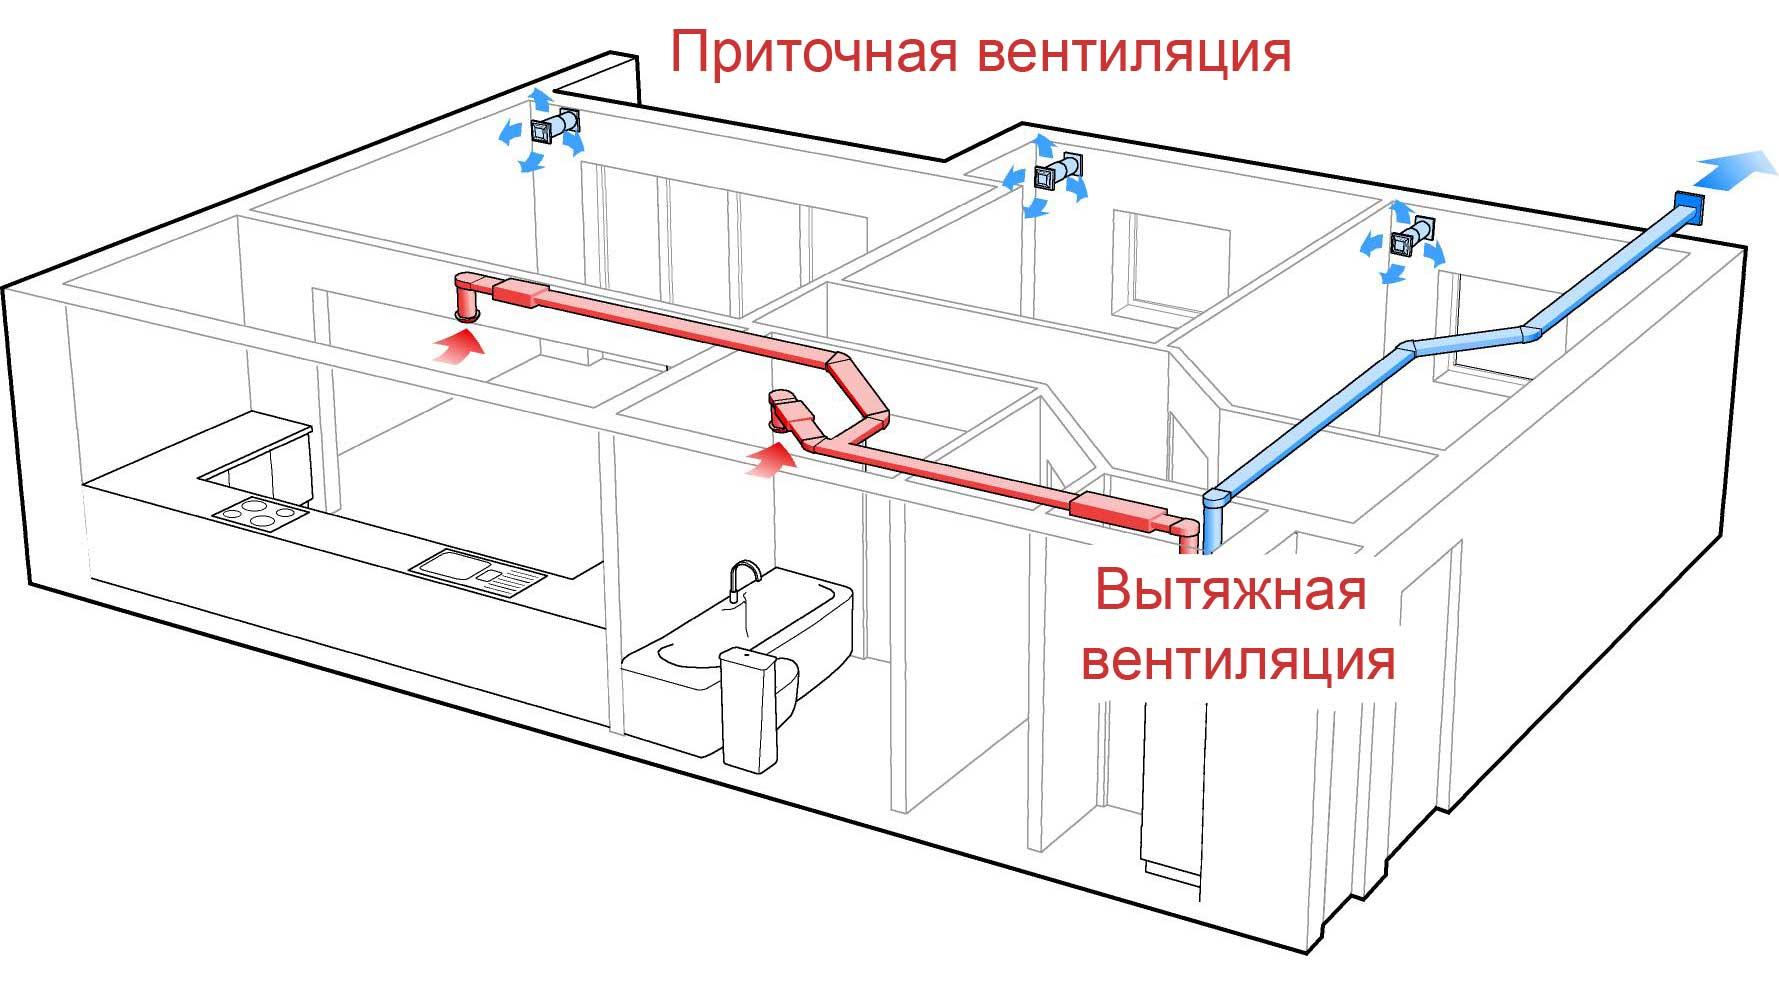 Проектирование вентиляции и монтаж приточно-вытяжной системы в здании